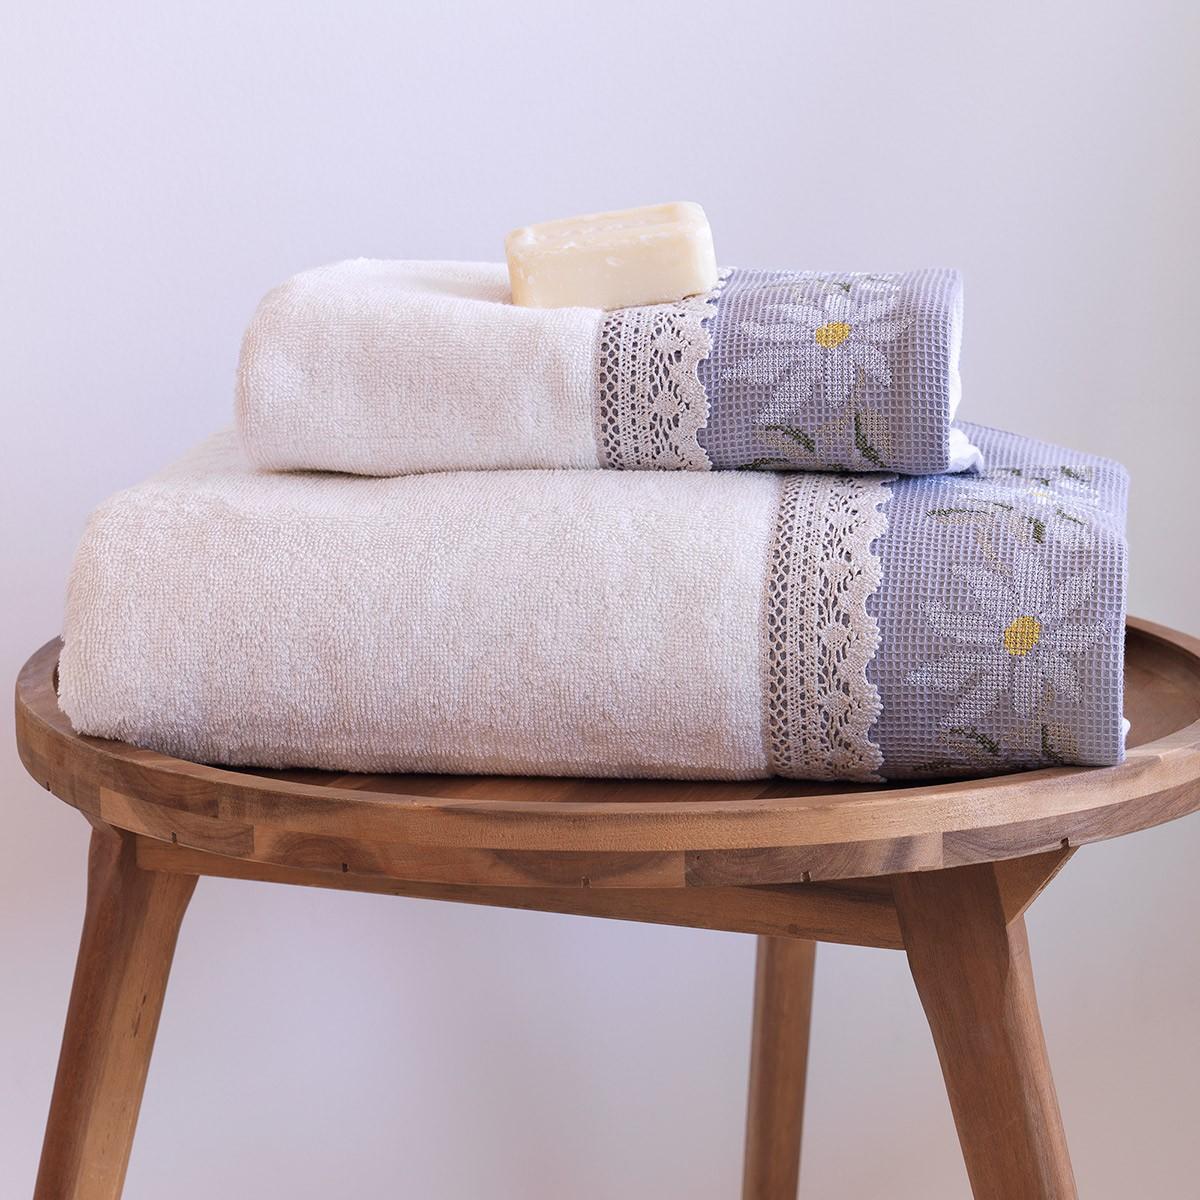 Πετσέτες Μπάνιου (Σετ 2τμχ) Sb Home Daisies Cream